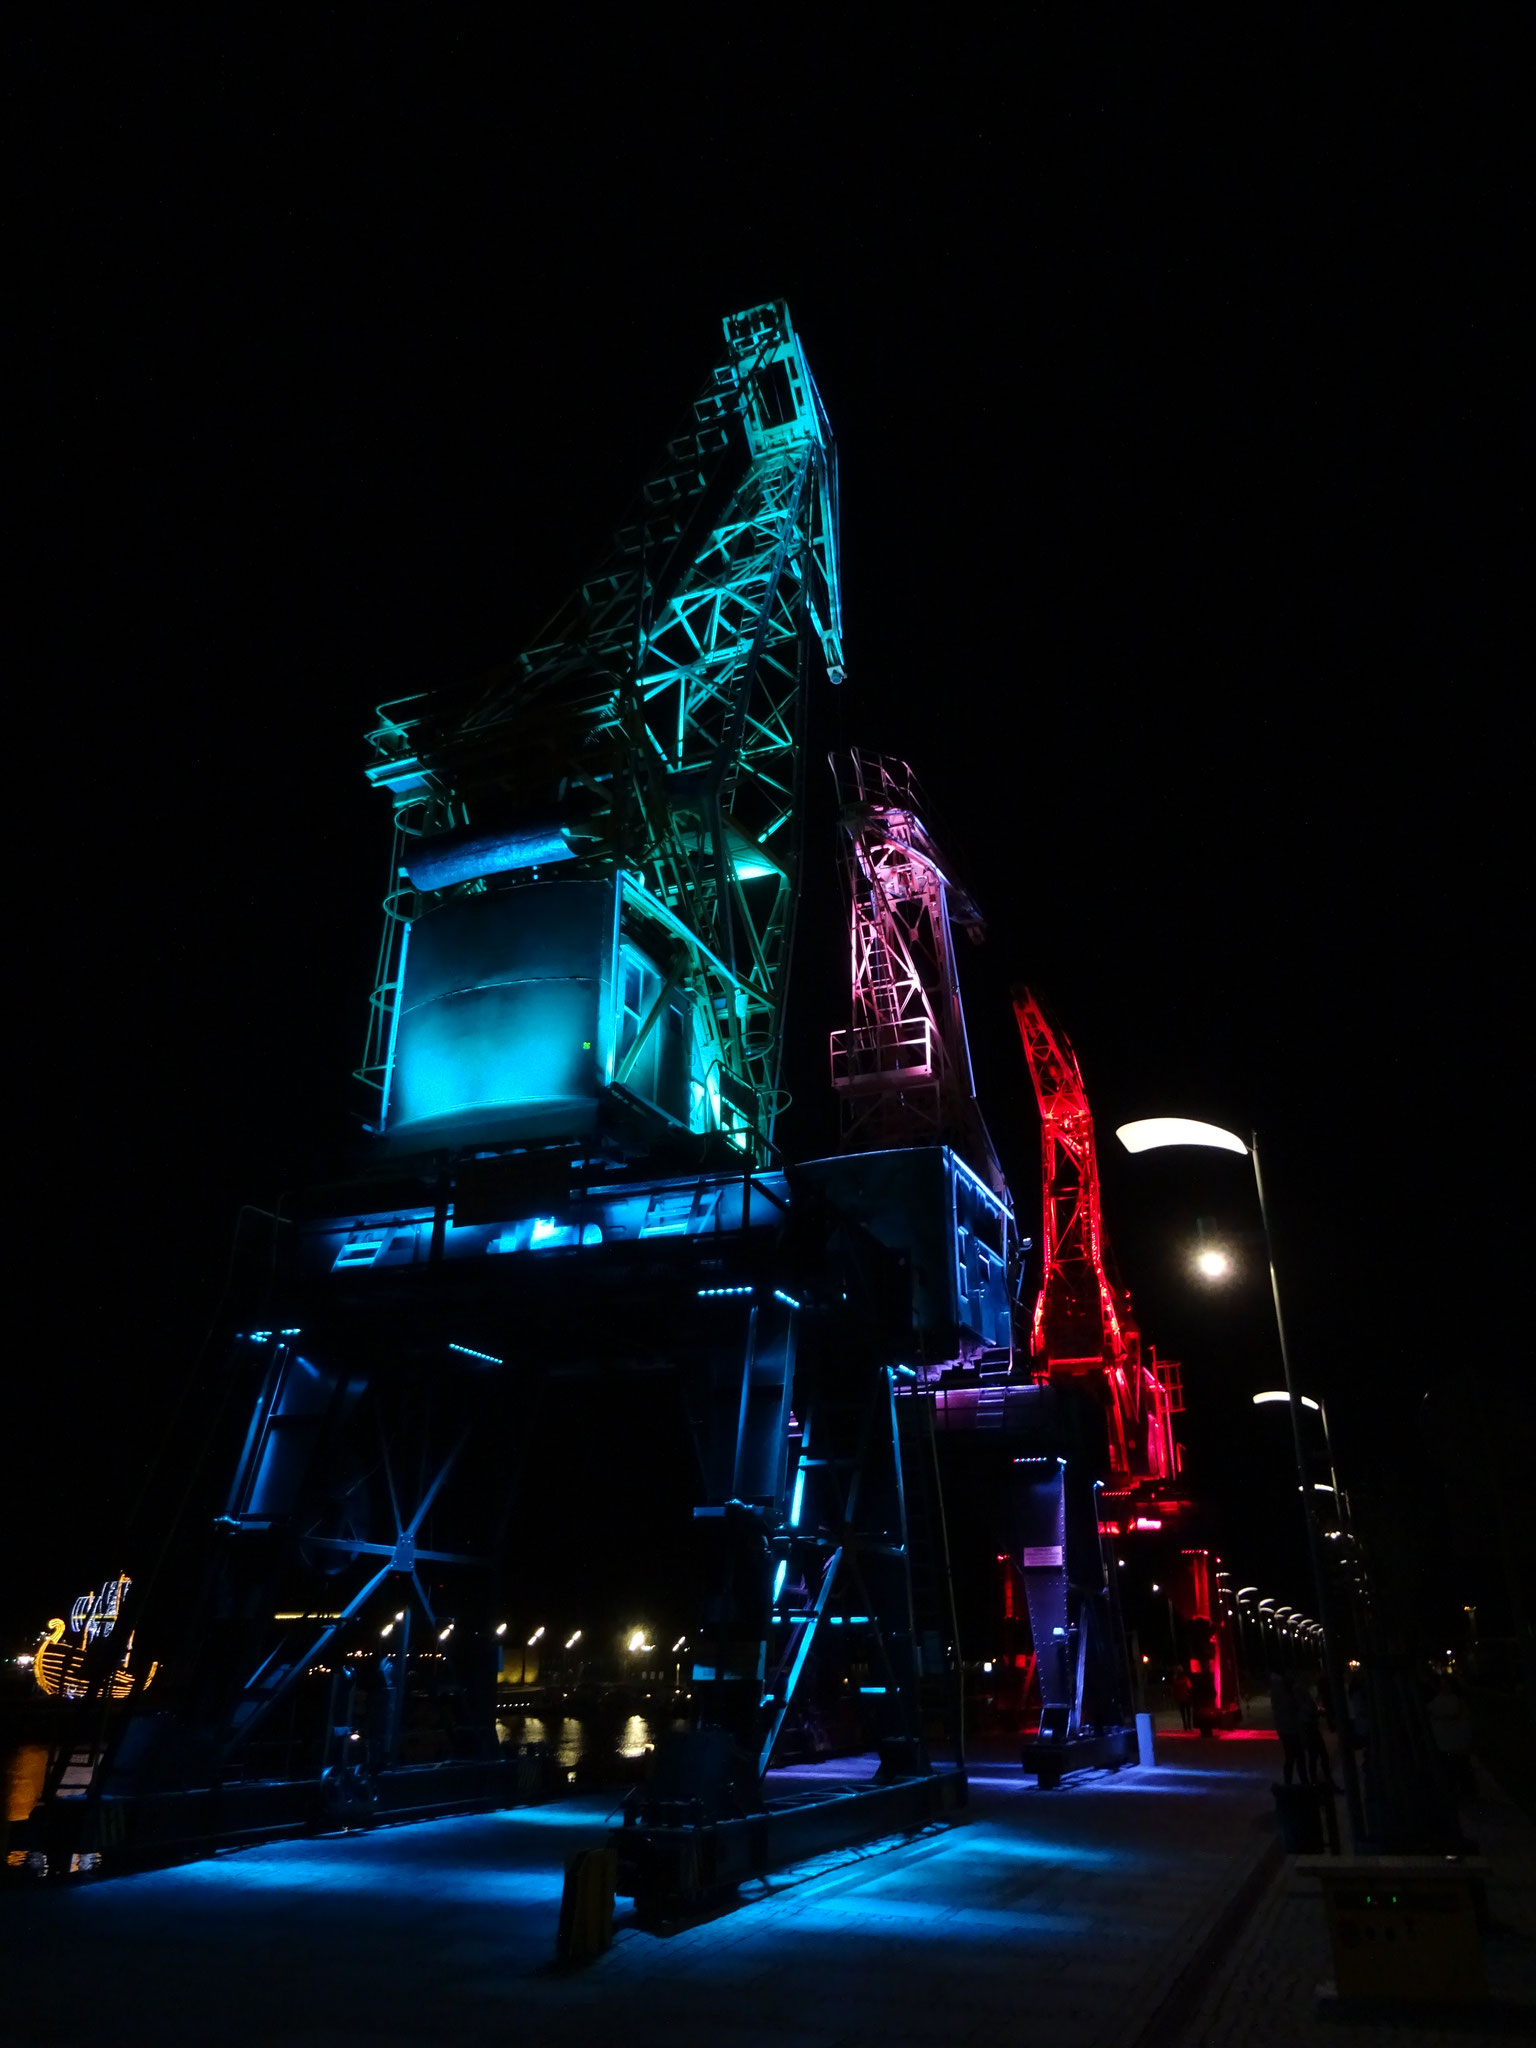 Stettin Hafen Nacht alte Krananlage Lichtinstallation blau rot pink magenta